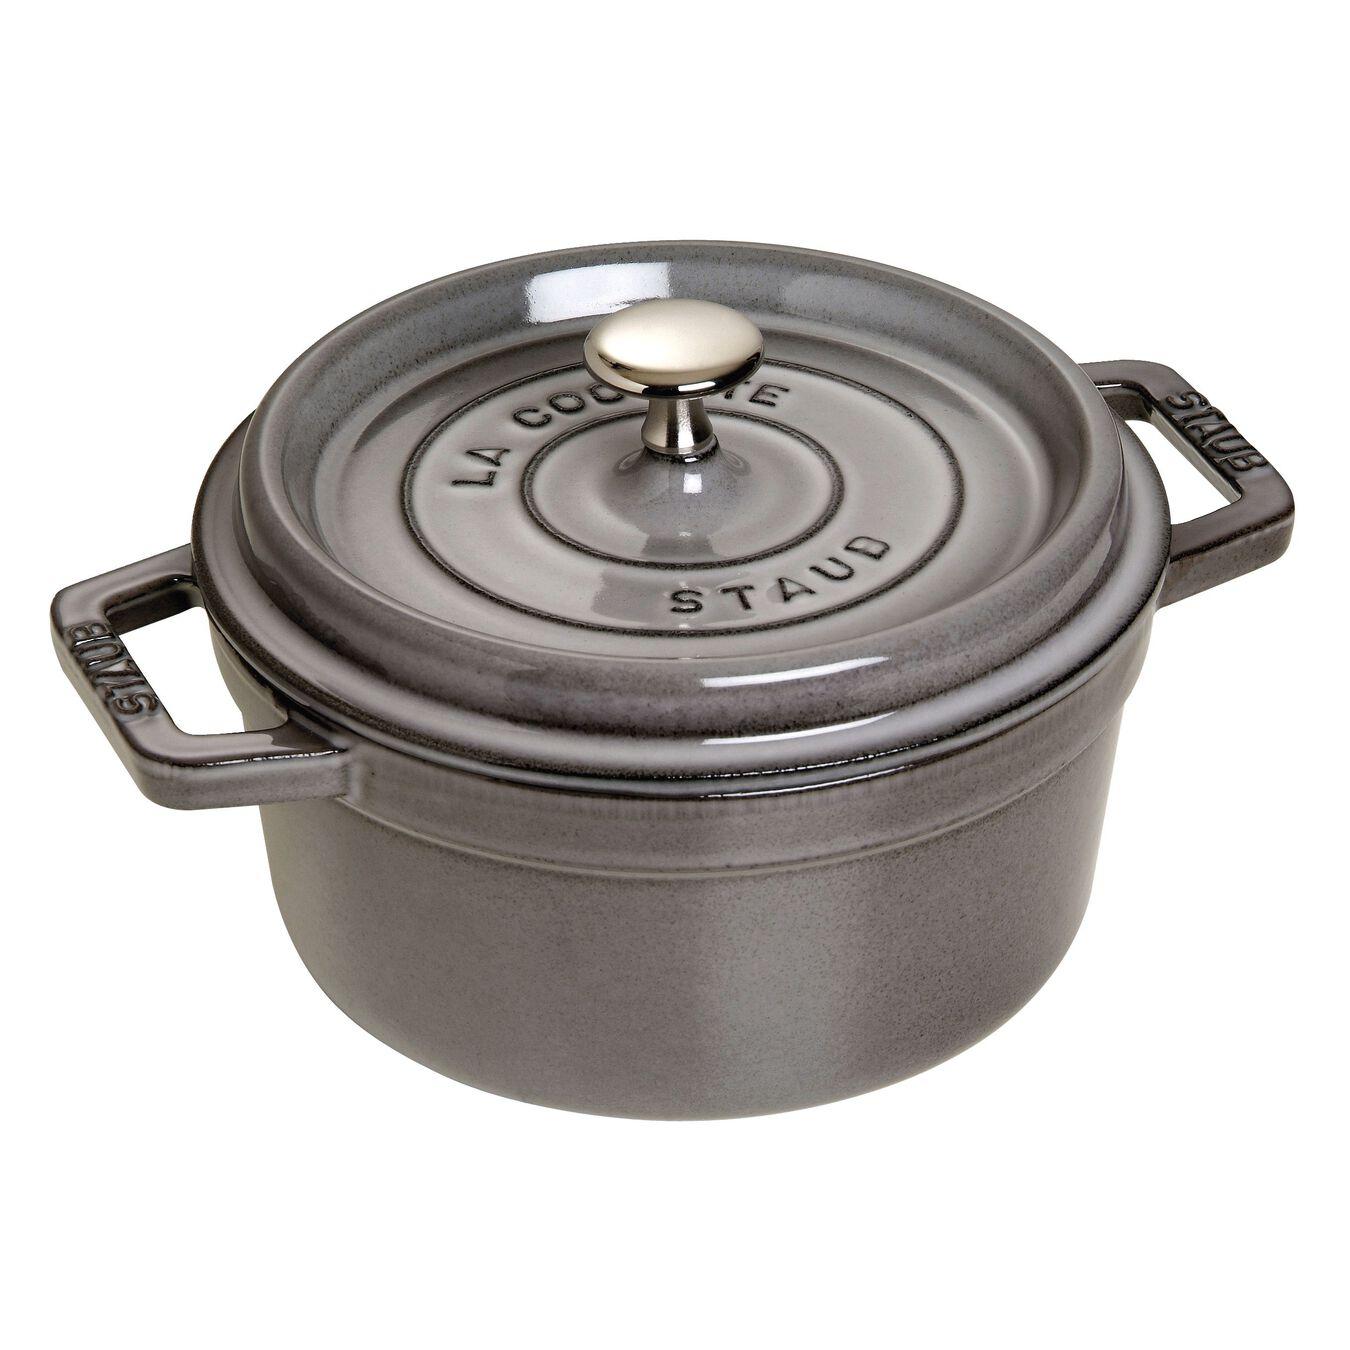 2.75-qt Round Cocotte - Graphite Grey,,large 1